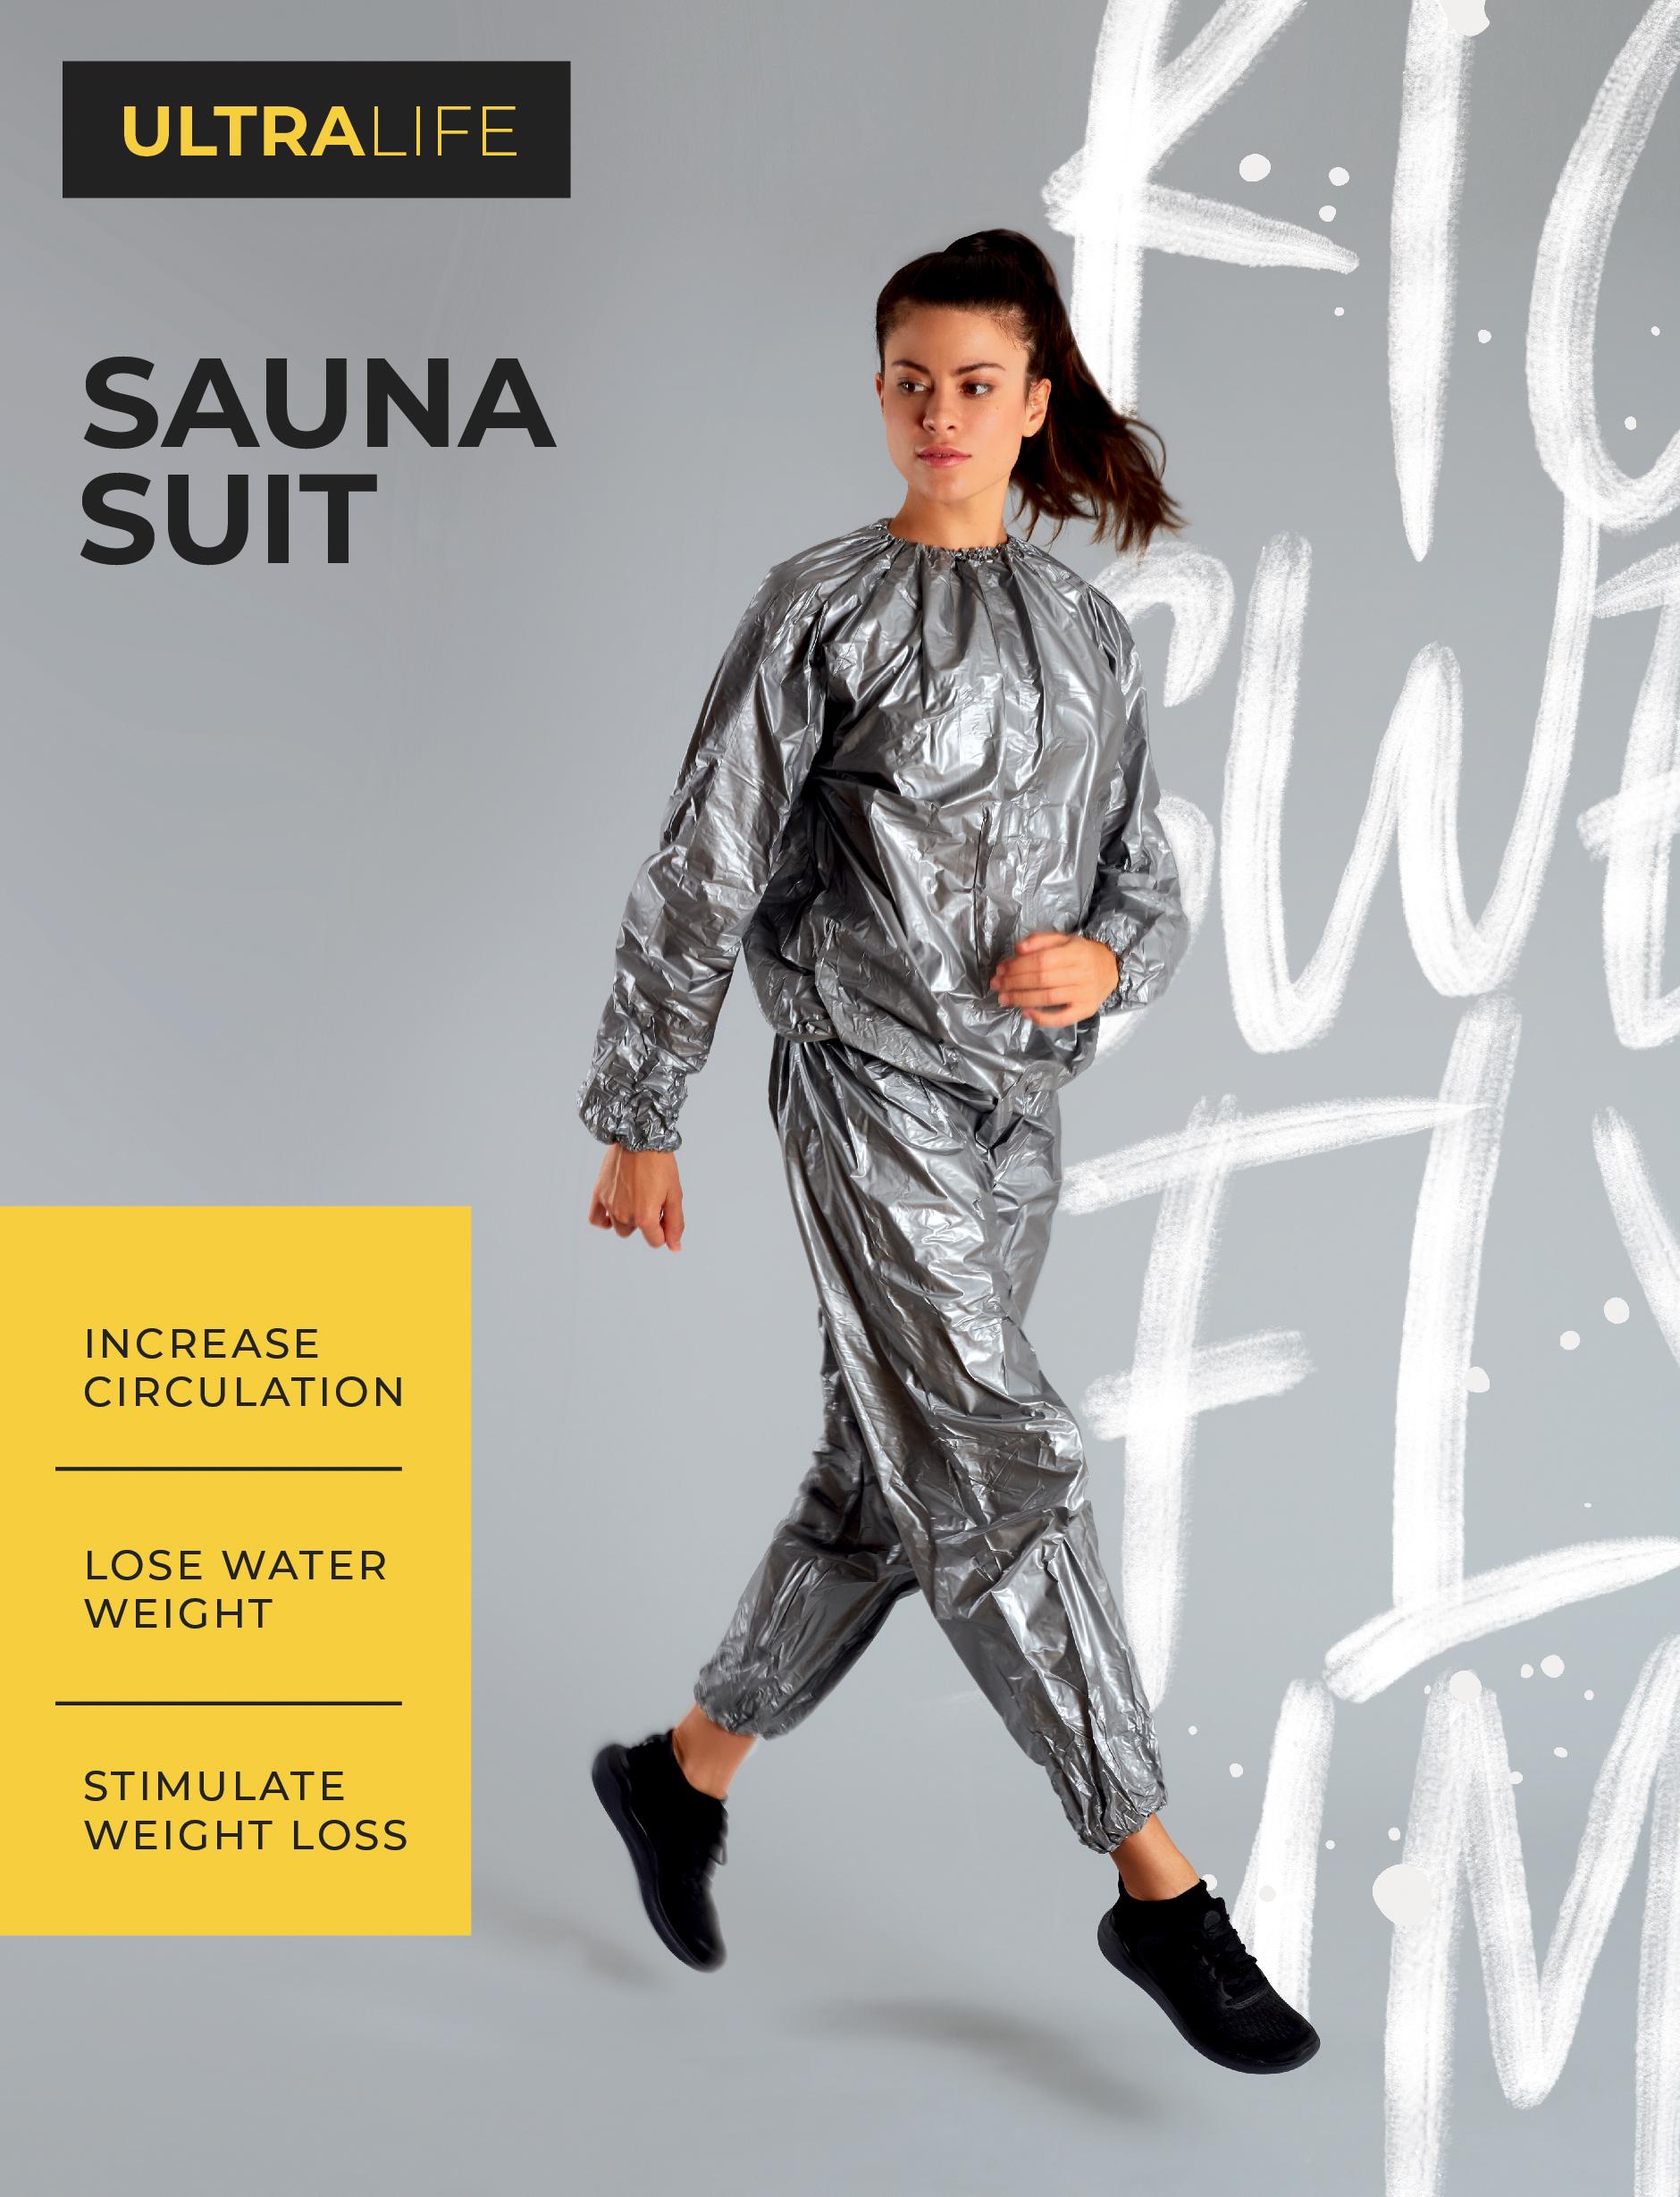 UltraLife_Sauna_Suit-01.jpg